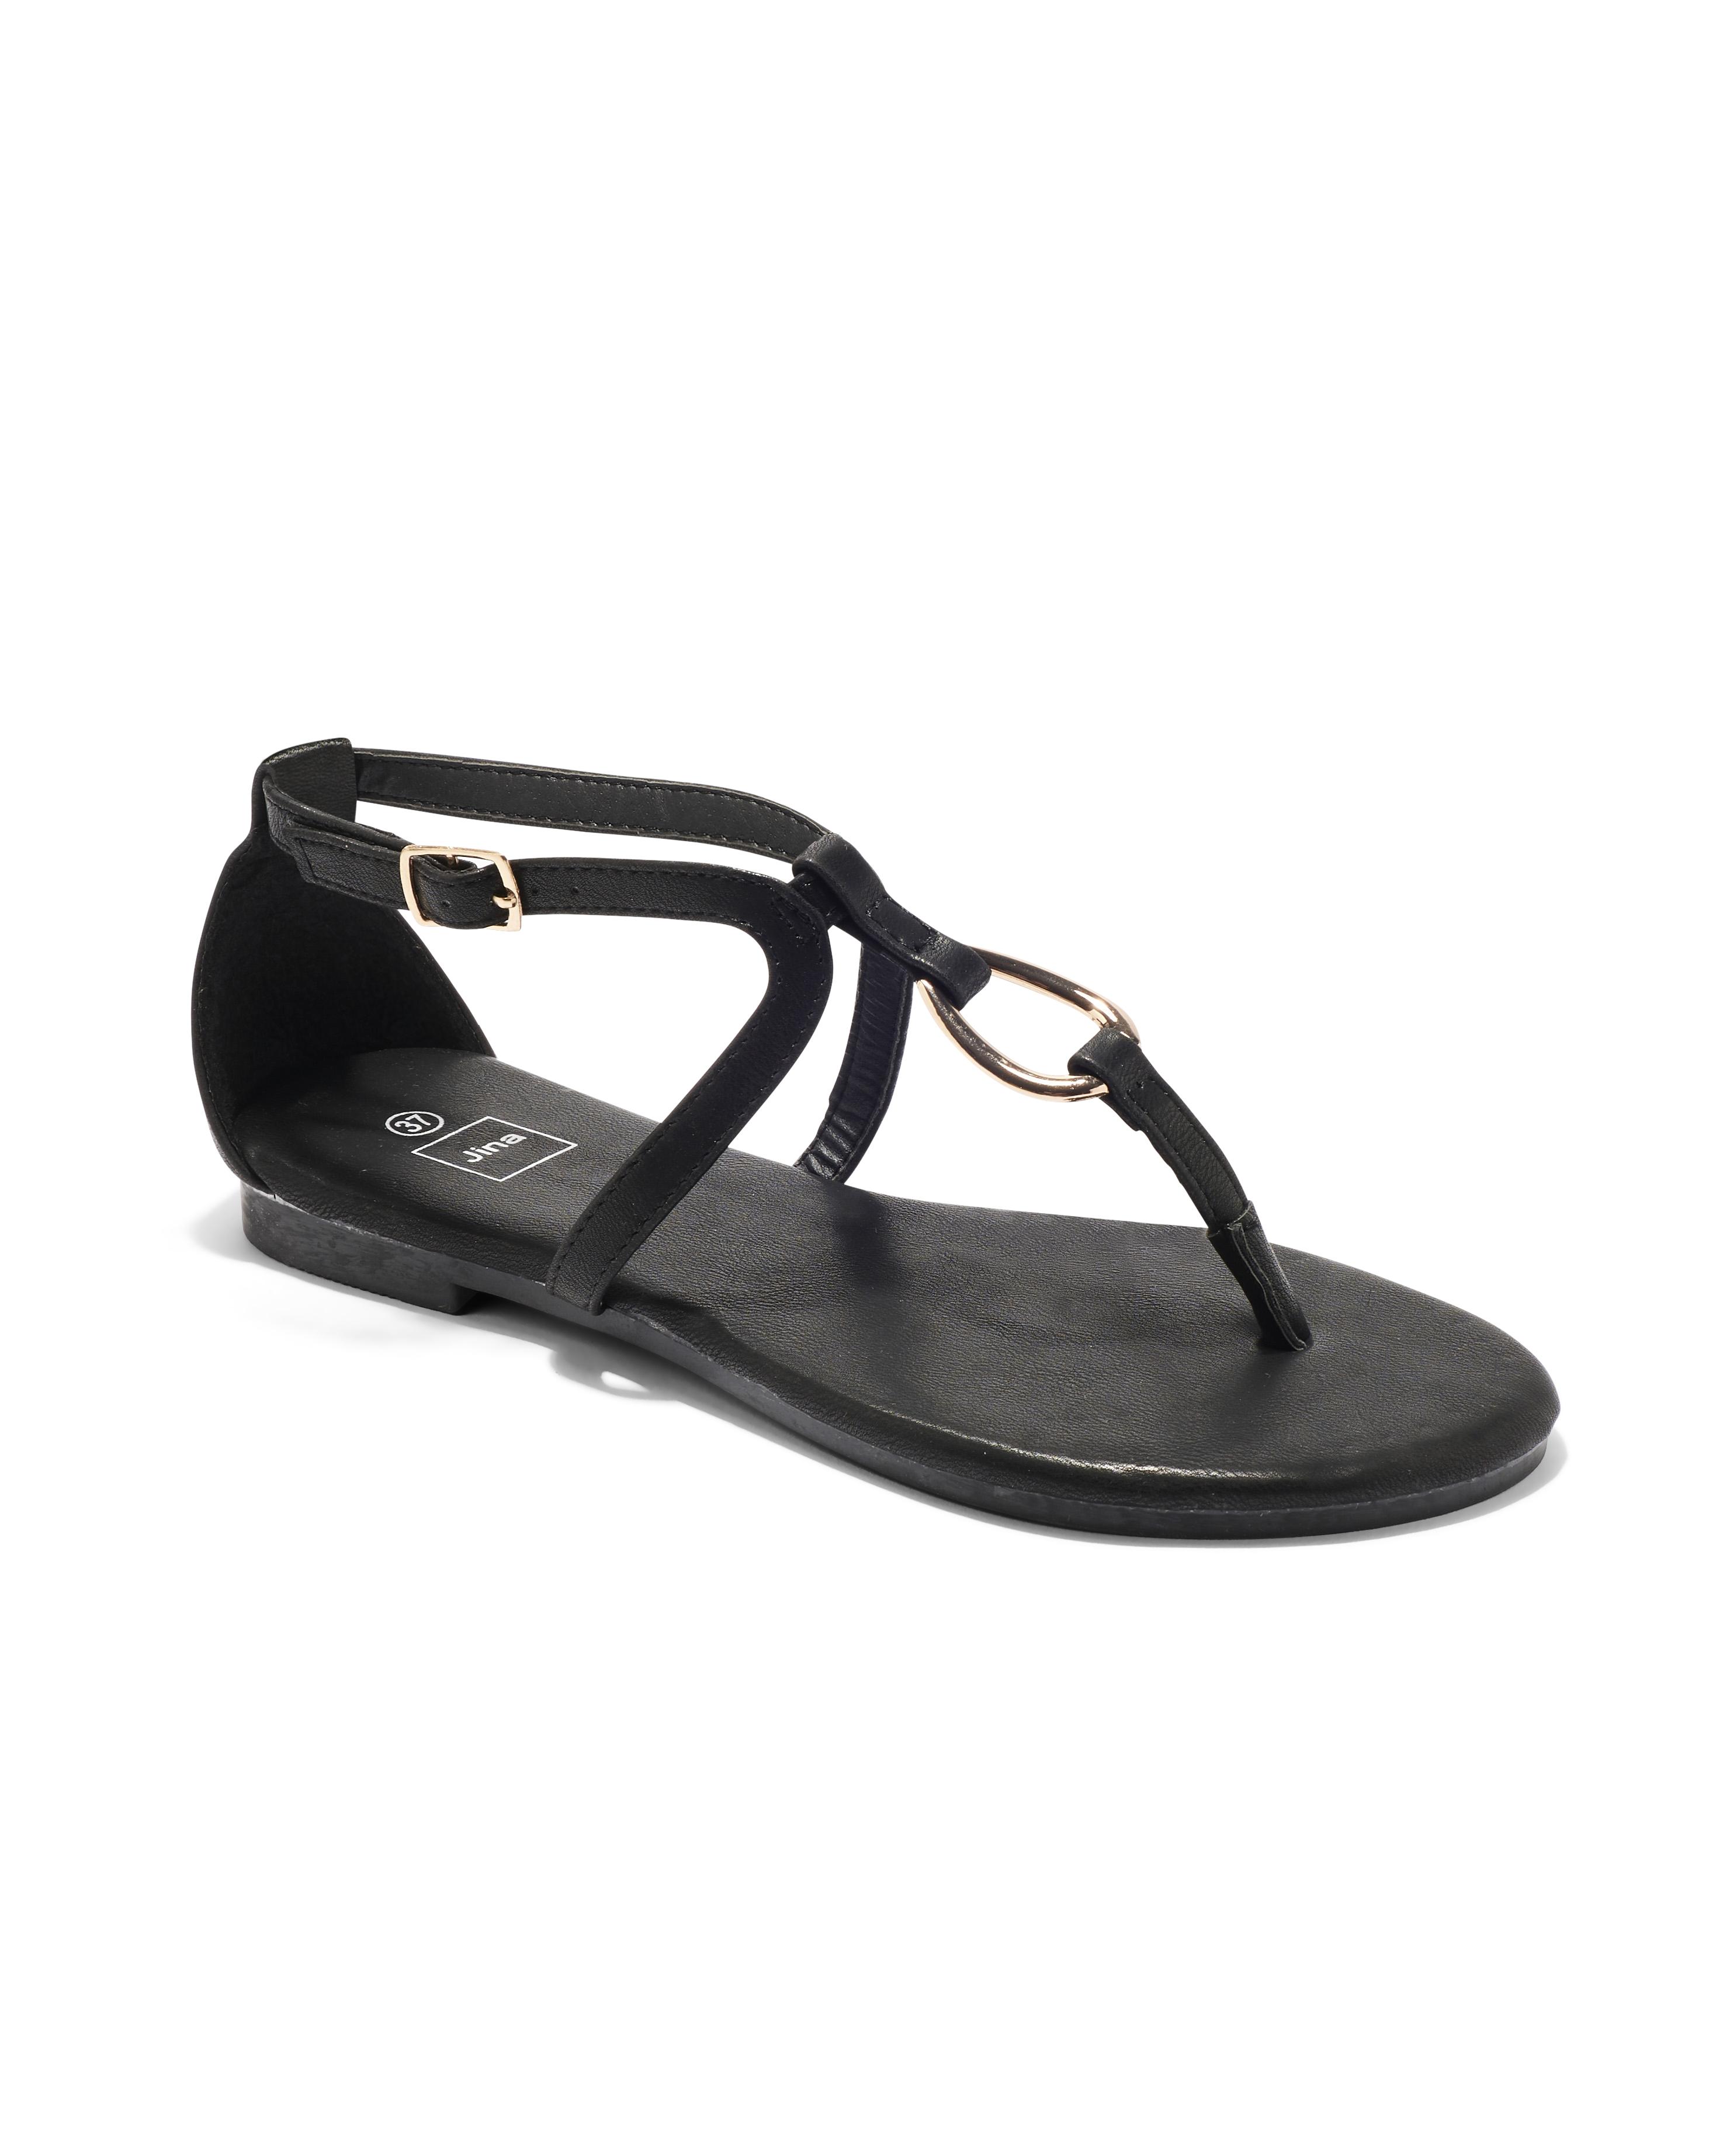 Sandales Plates Femme - Sandale Plate Noir Jina - Sapl Zh6